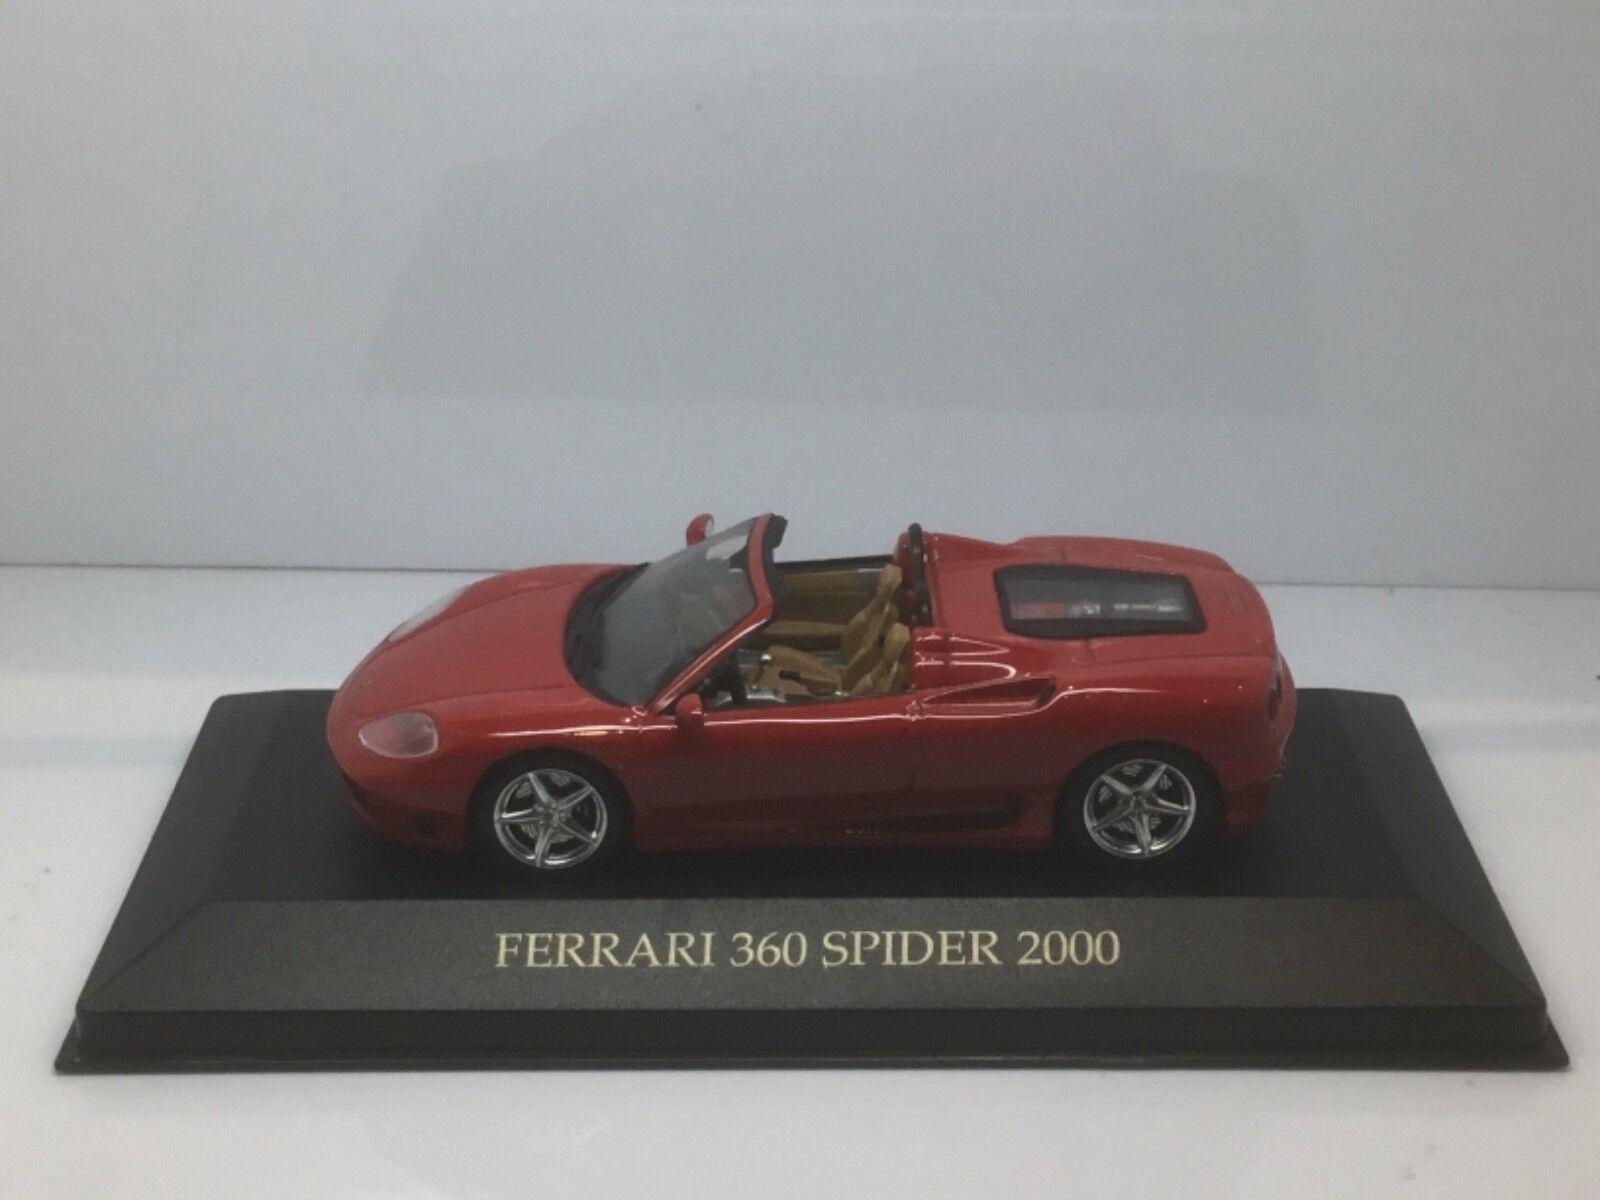 Ixo Models 1 43 Scale Diecast FER008 - 2000 Ferrari 360 Spider - Red